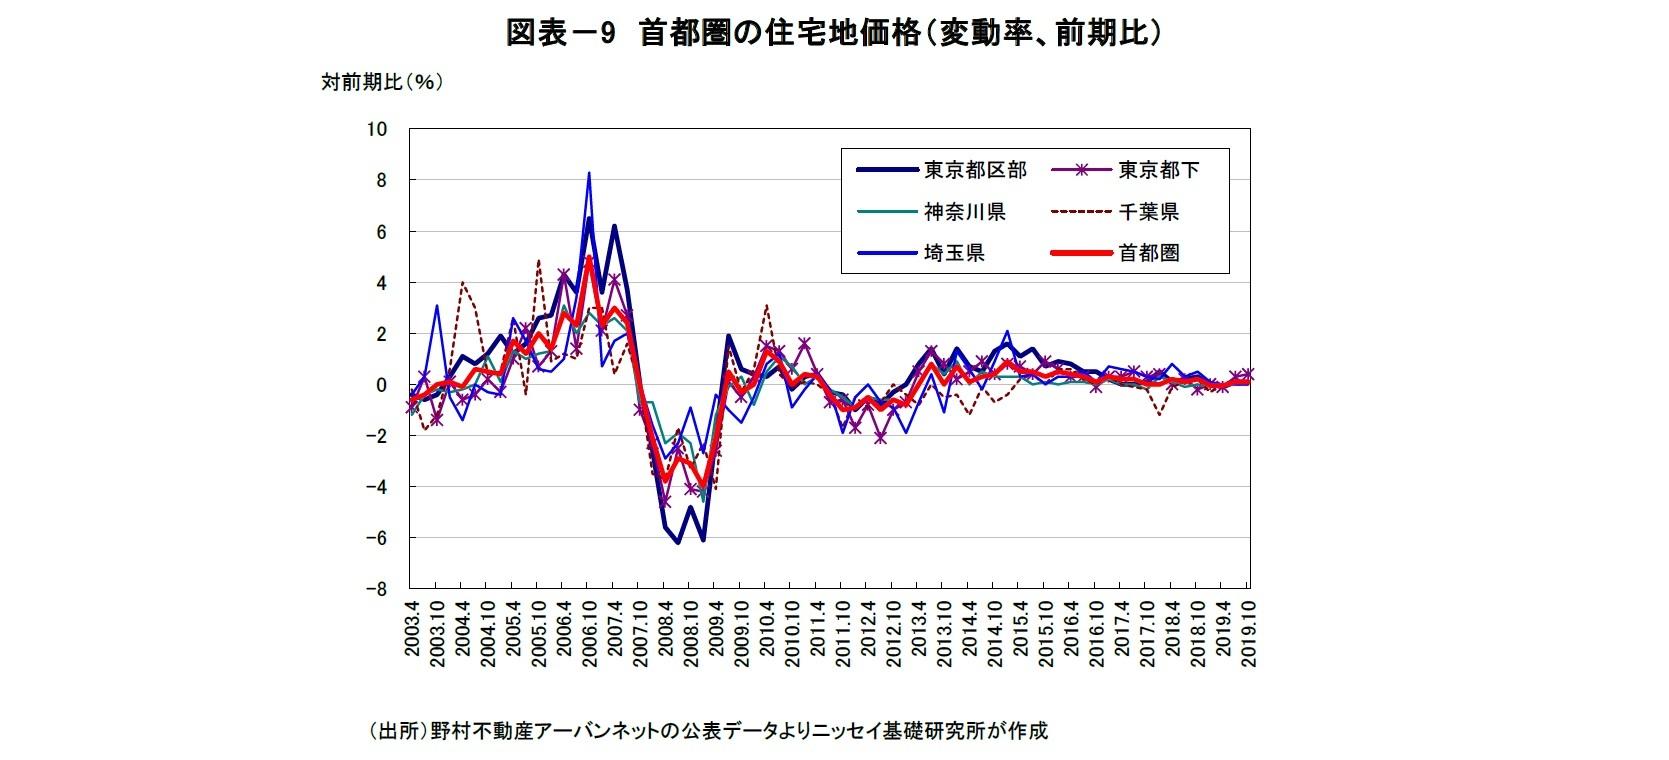 図表-9 首都圏の住宅地価格(変動率、前期比)